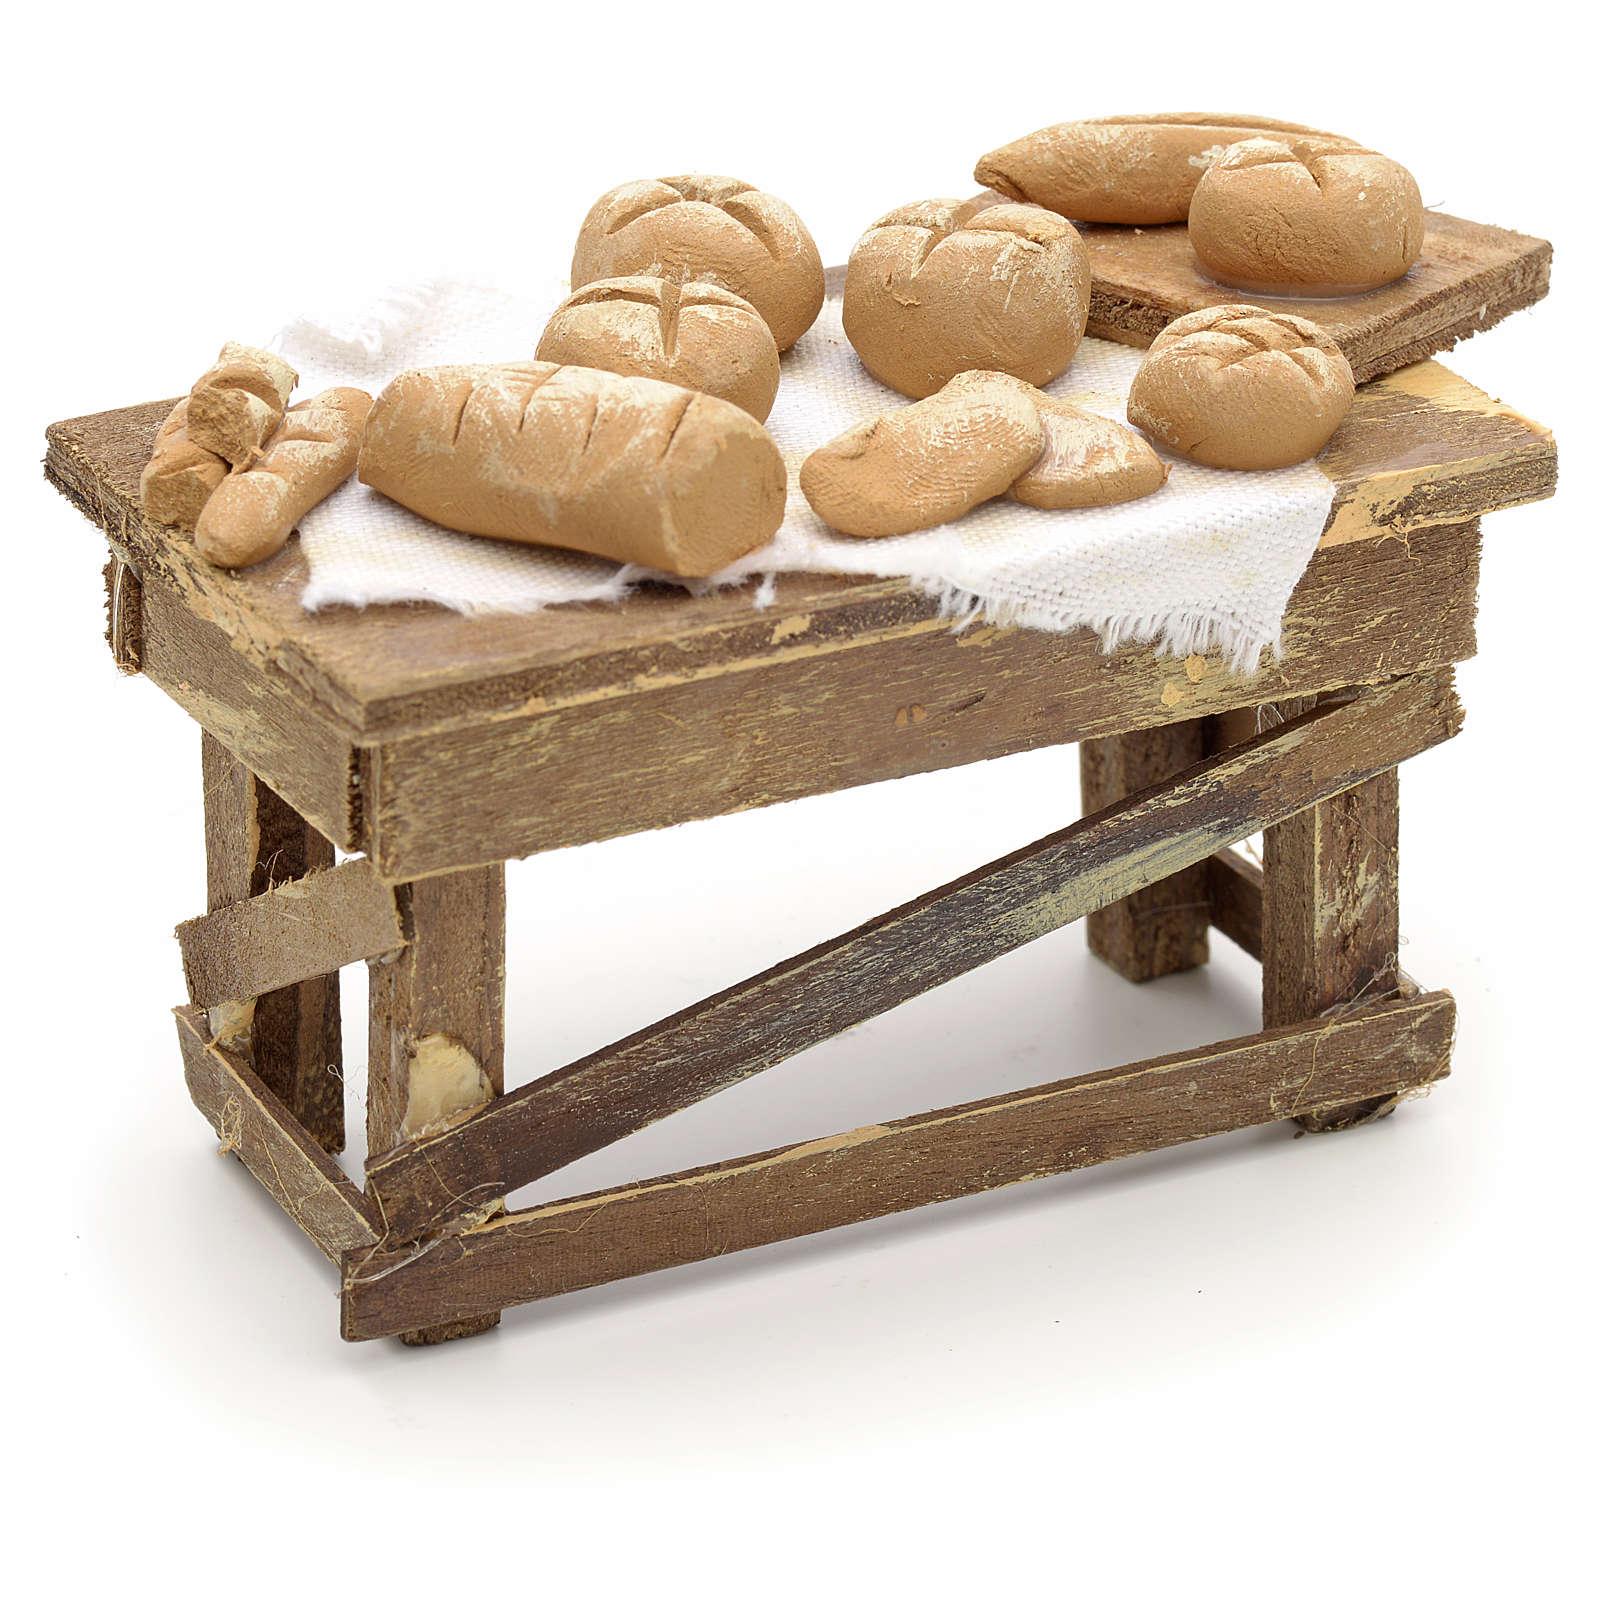 Neapolitan Nativity scene accessory, bread stall 4